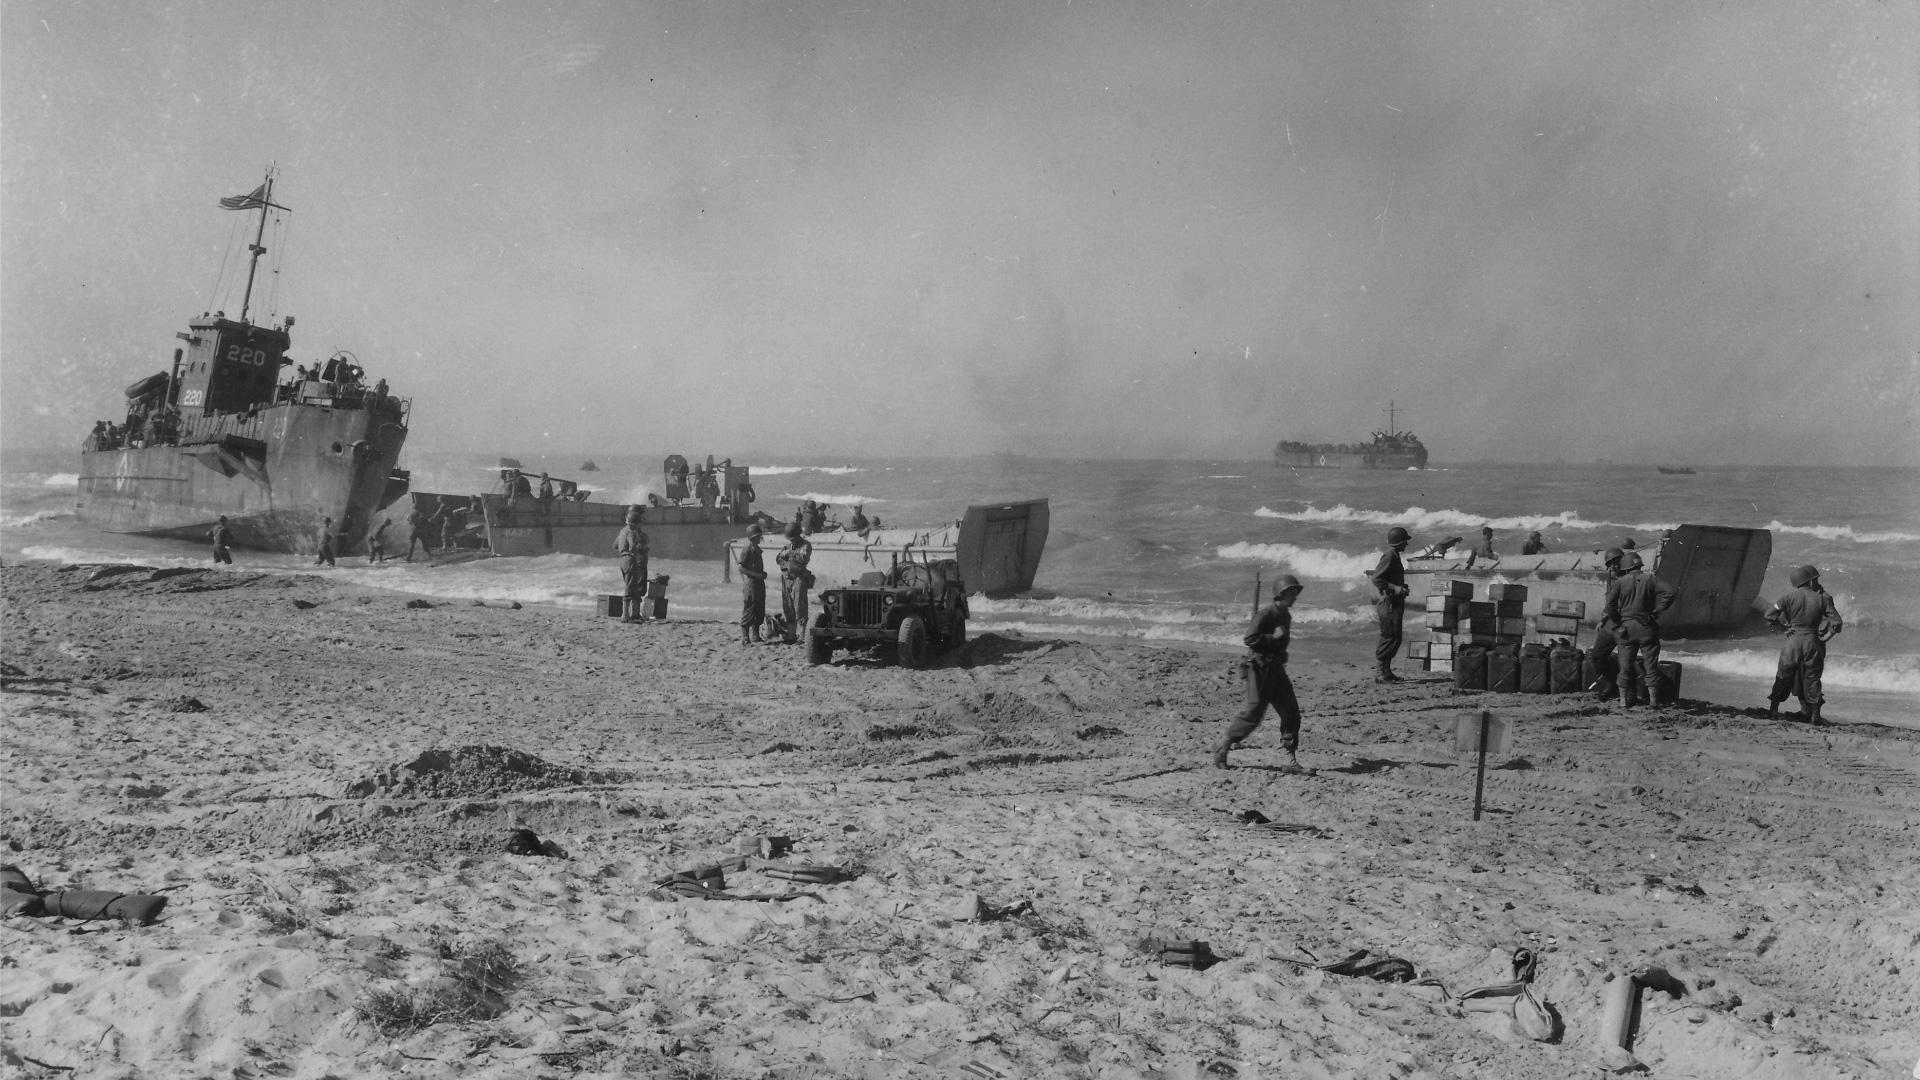 Высадка союзников на Сицилии 1943 года как первое появление «Джипов» в Европе. Фото 5